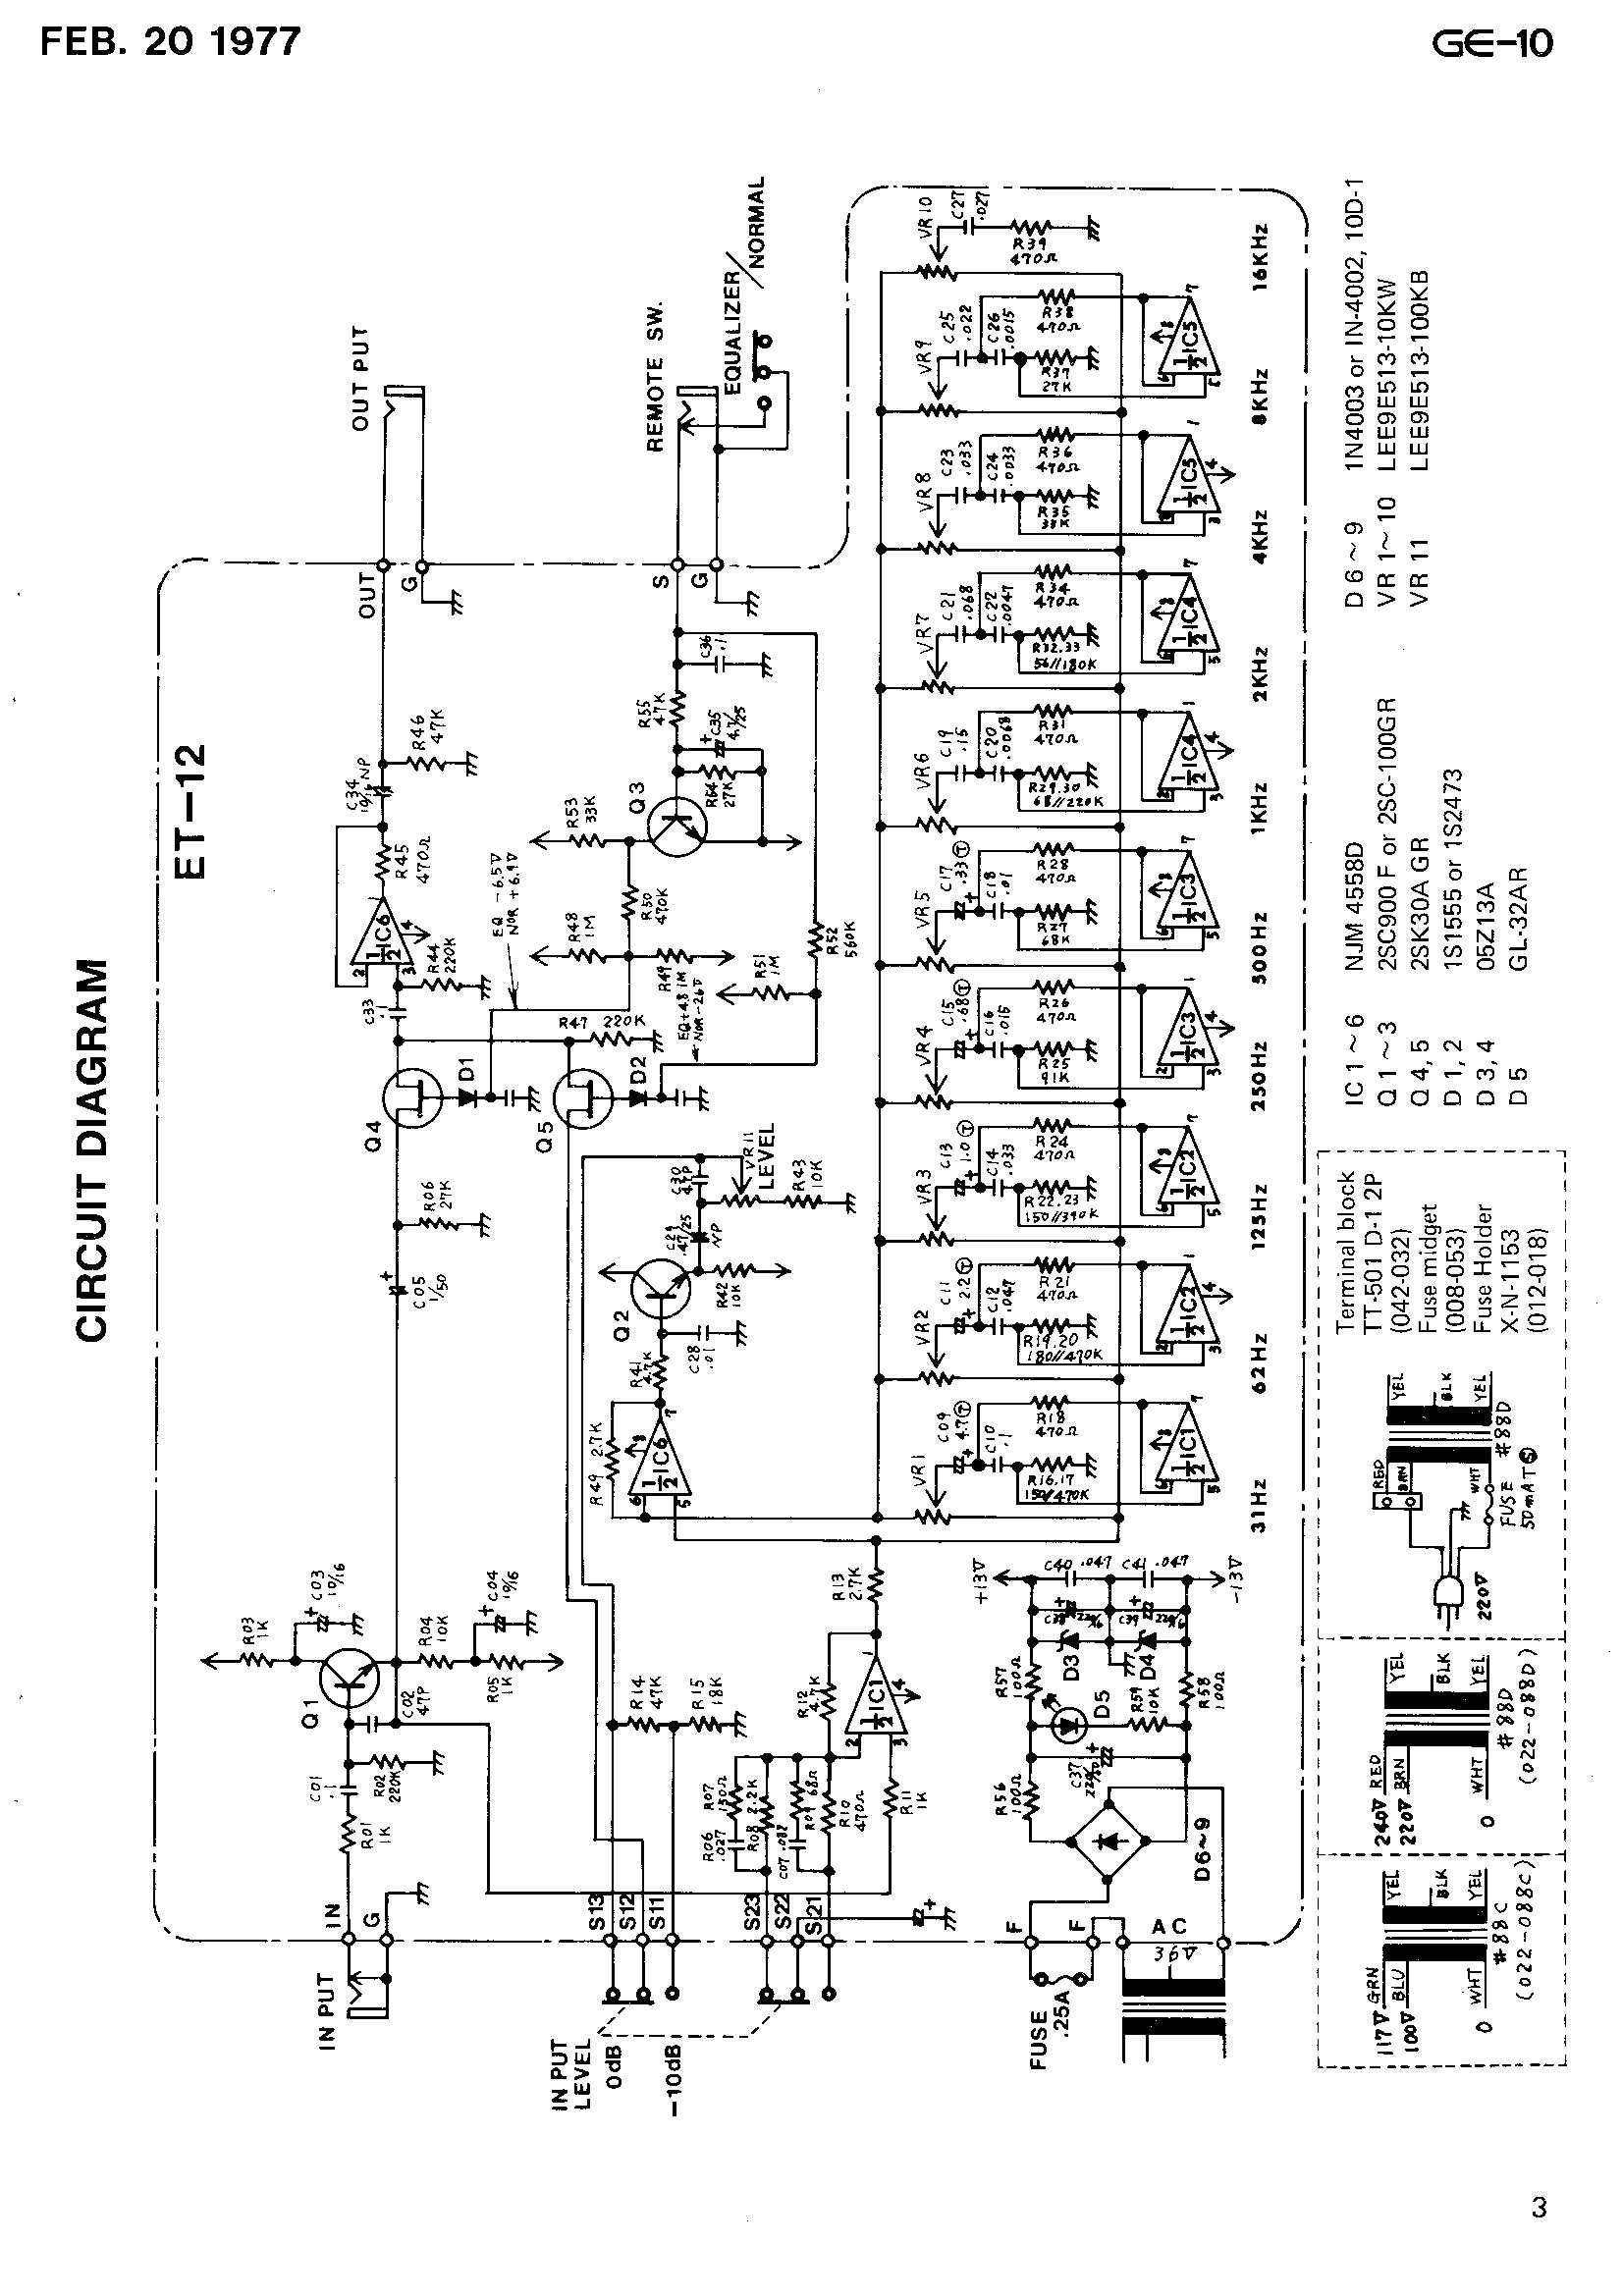 Boss Ge 10 Service Note P 3 Circuit Diagram